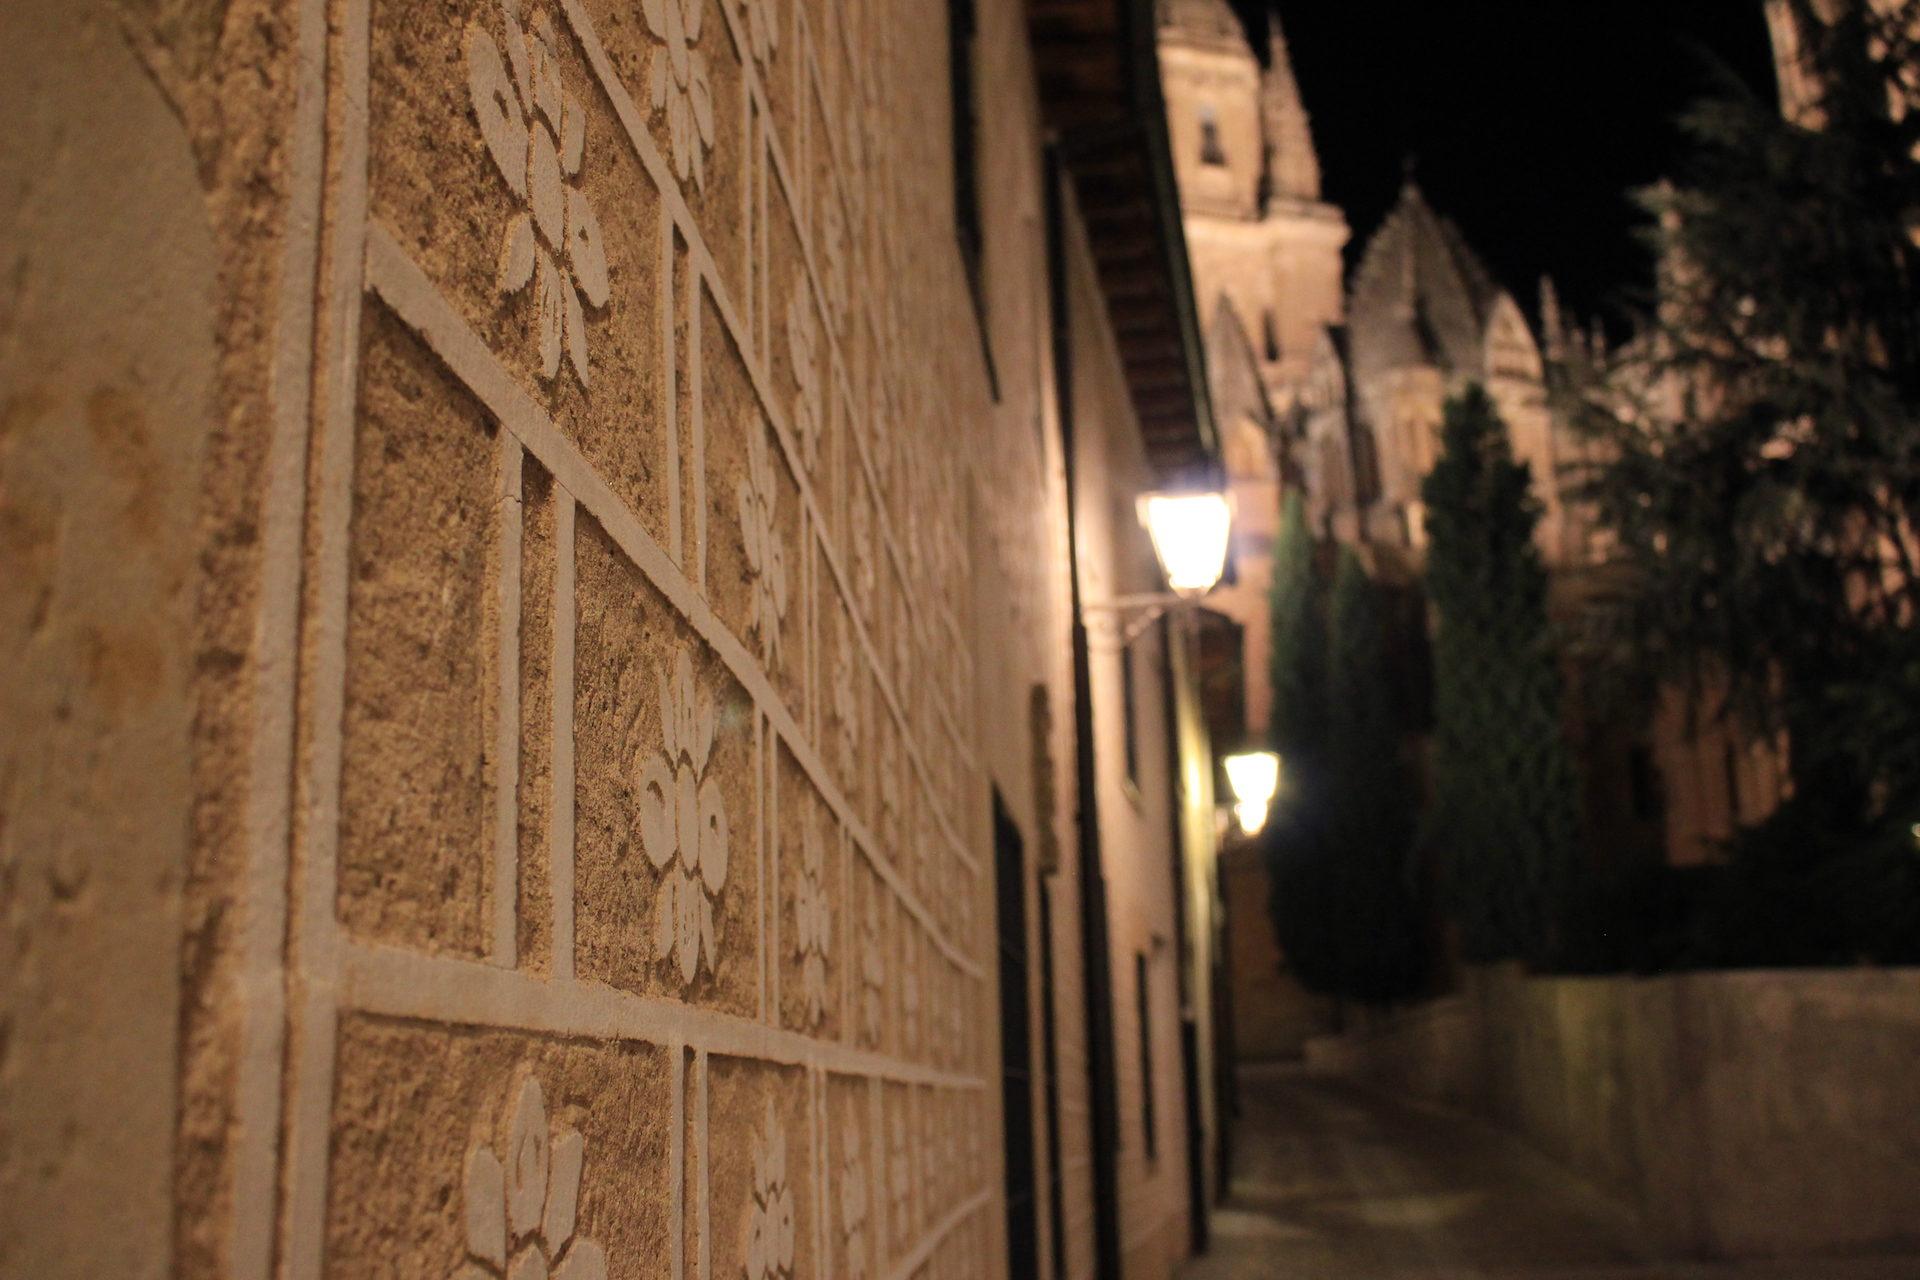 Stadt, Nacht, Straßenlaternen, Lichter, Salamanca, Spanien - Wallpaper HD - Prof.-falken.com